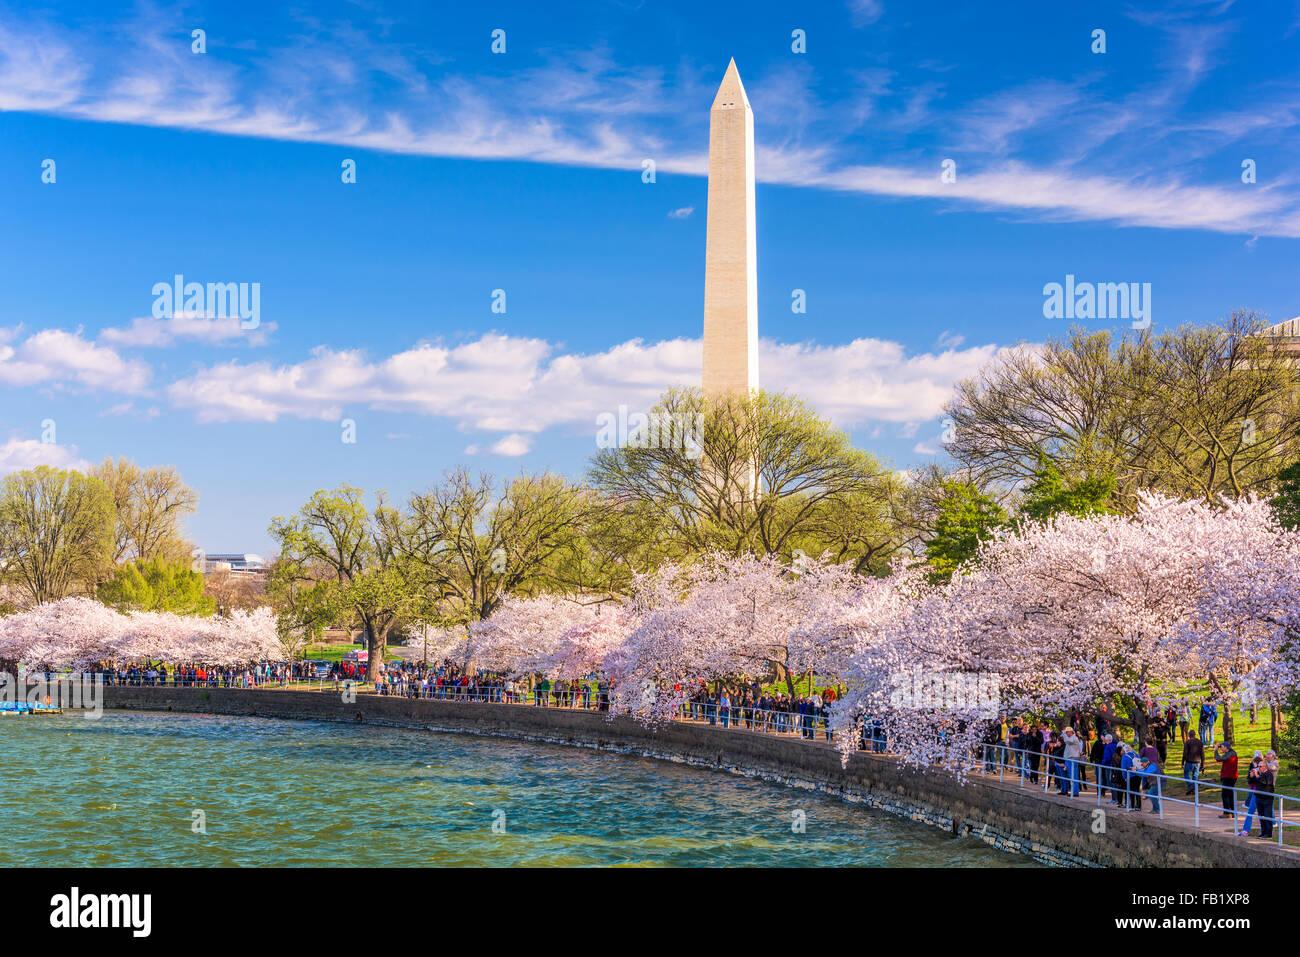 WASHINGTON, DC - Abril 10, 2015: Las multitudes caminando debajo de los cerezos y el Monumento a Washington durante Imagen De Stock